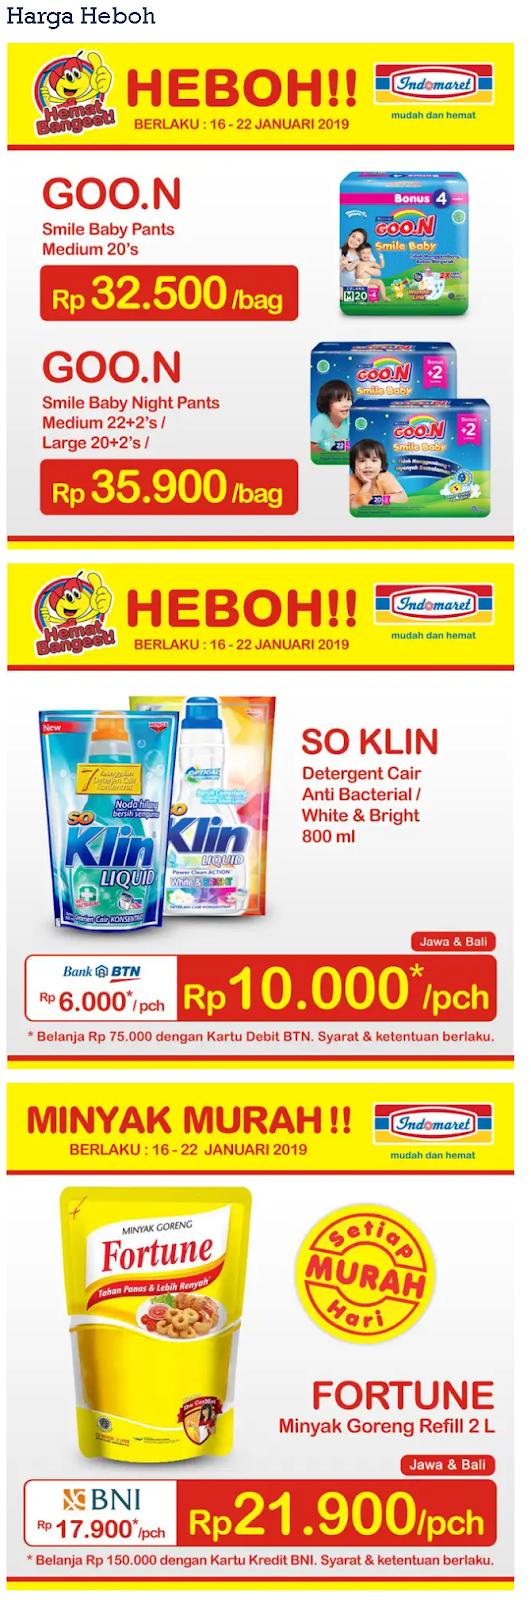 Katalog Promo Indomaret Harga Heboh Terbaru 18 - 22 Januari 2019